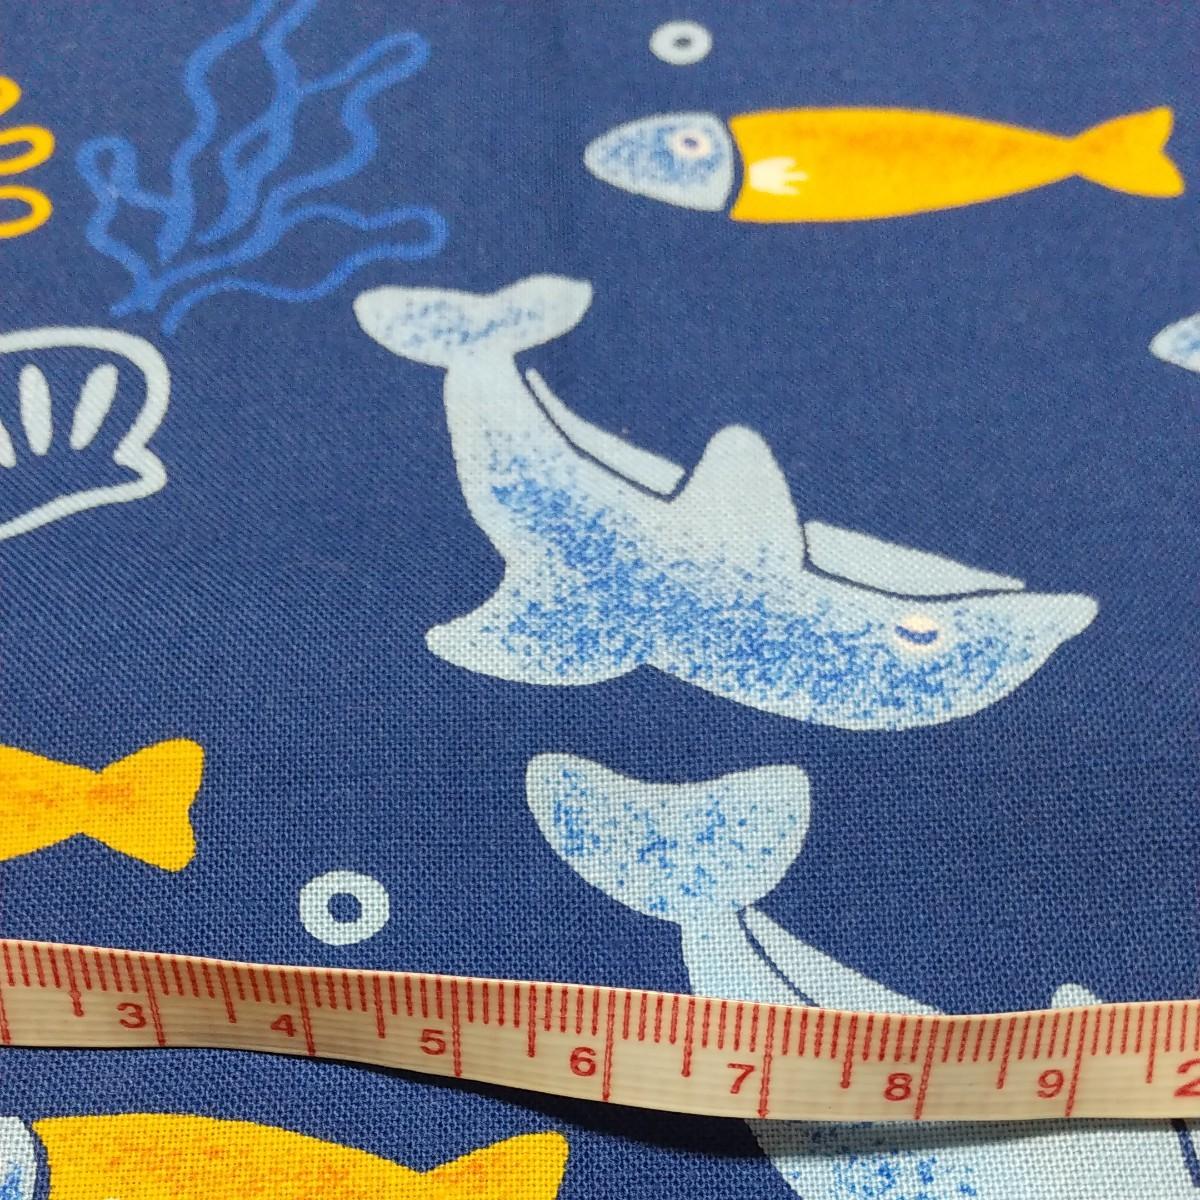 はぎれ  生地 クジラ イルカ さかな 貝